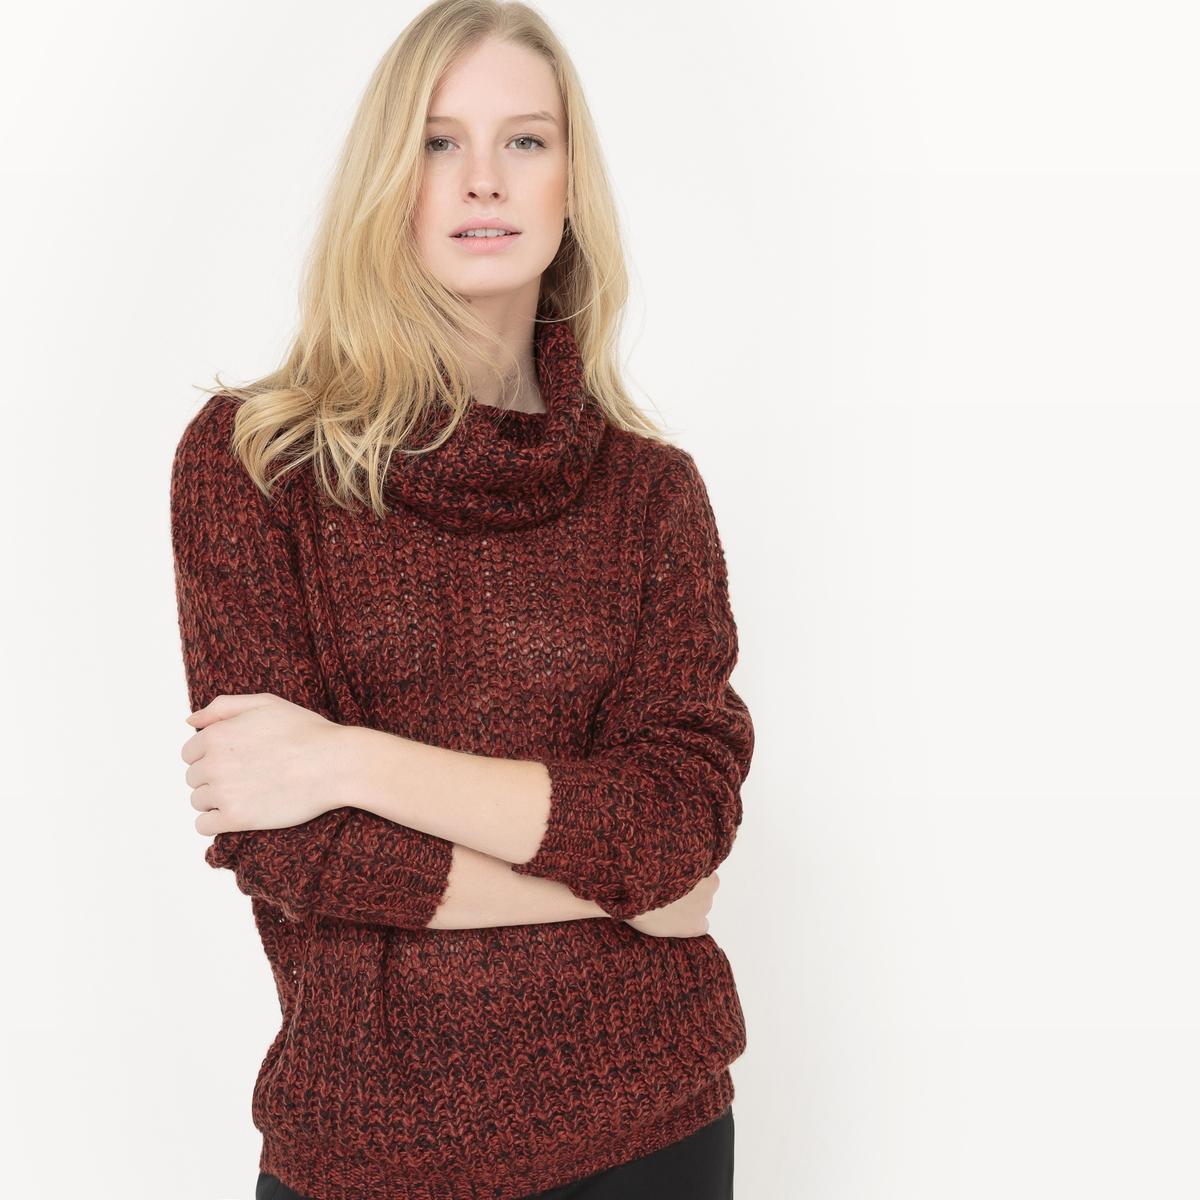 Пуловер MIMEI PULLПуловер MIMEI PULL от B .YOUNG   . Пуловер прямого покроя . Длинные рукава. Отворачивающийся воротник. Состав и описание :Материал : 100% акрилМарка : B.YOUNG<br><br>Цвет: бордовый